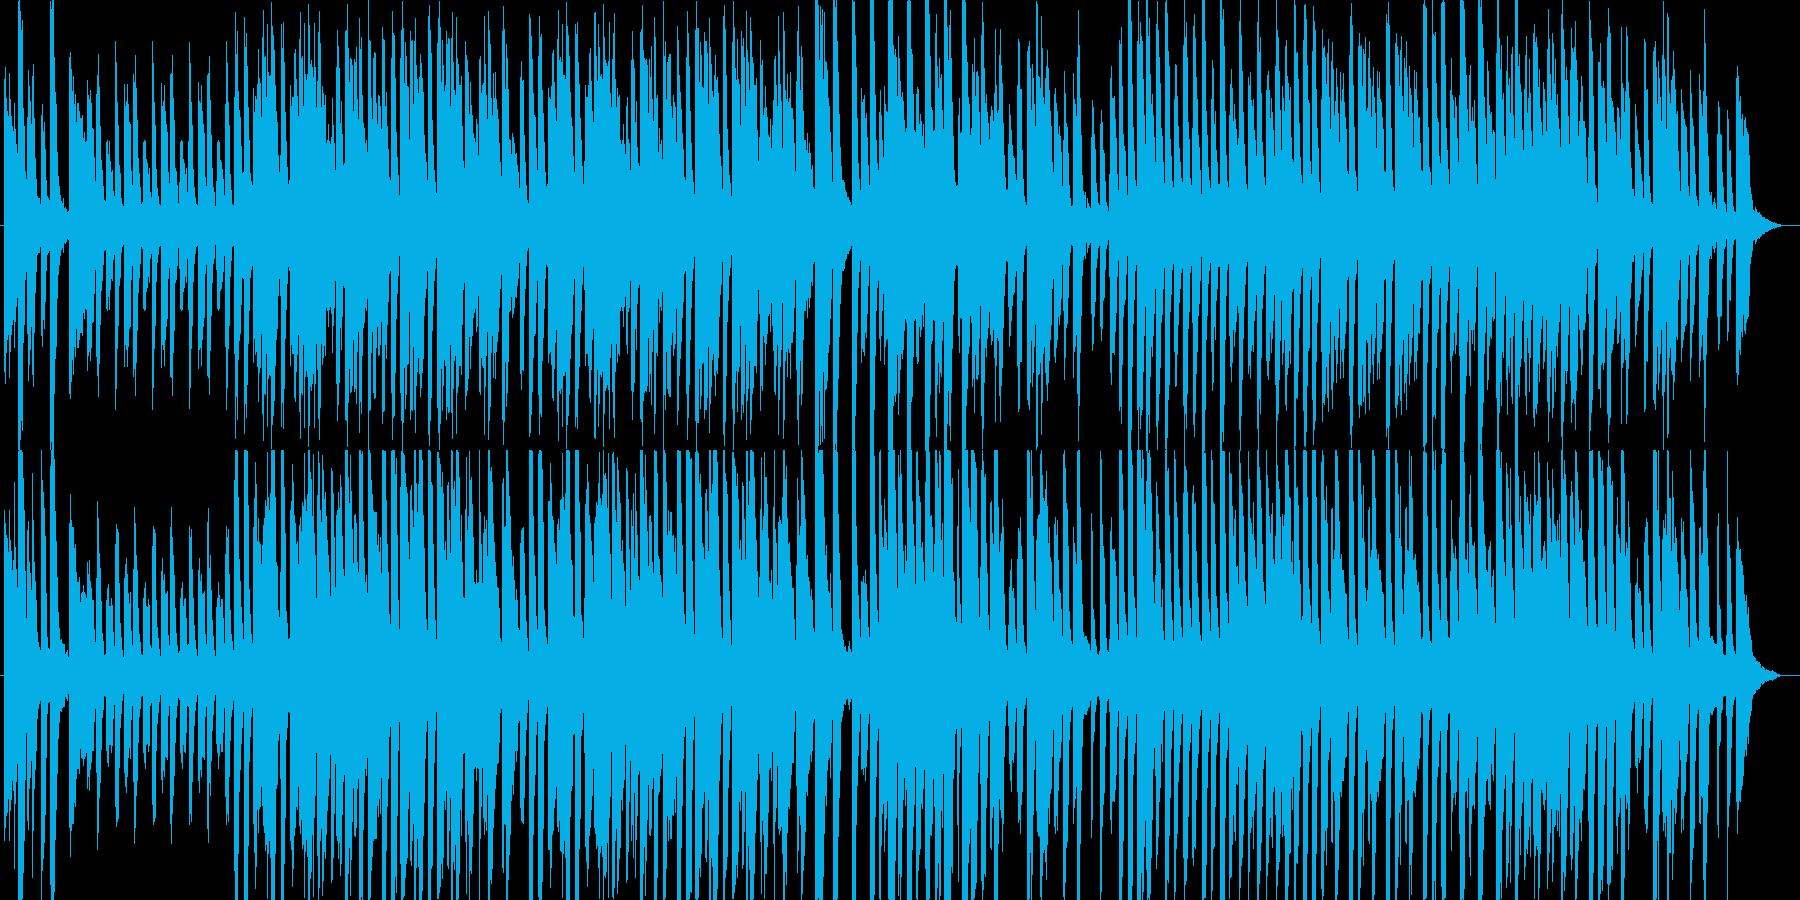 サーカスで流れてそうなコミカルな曲の再生済みの波形